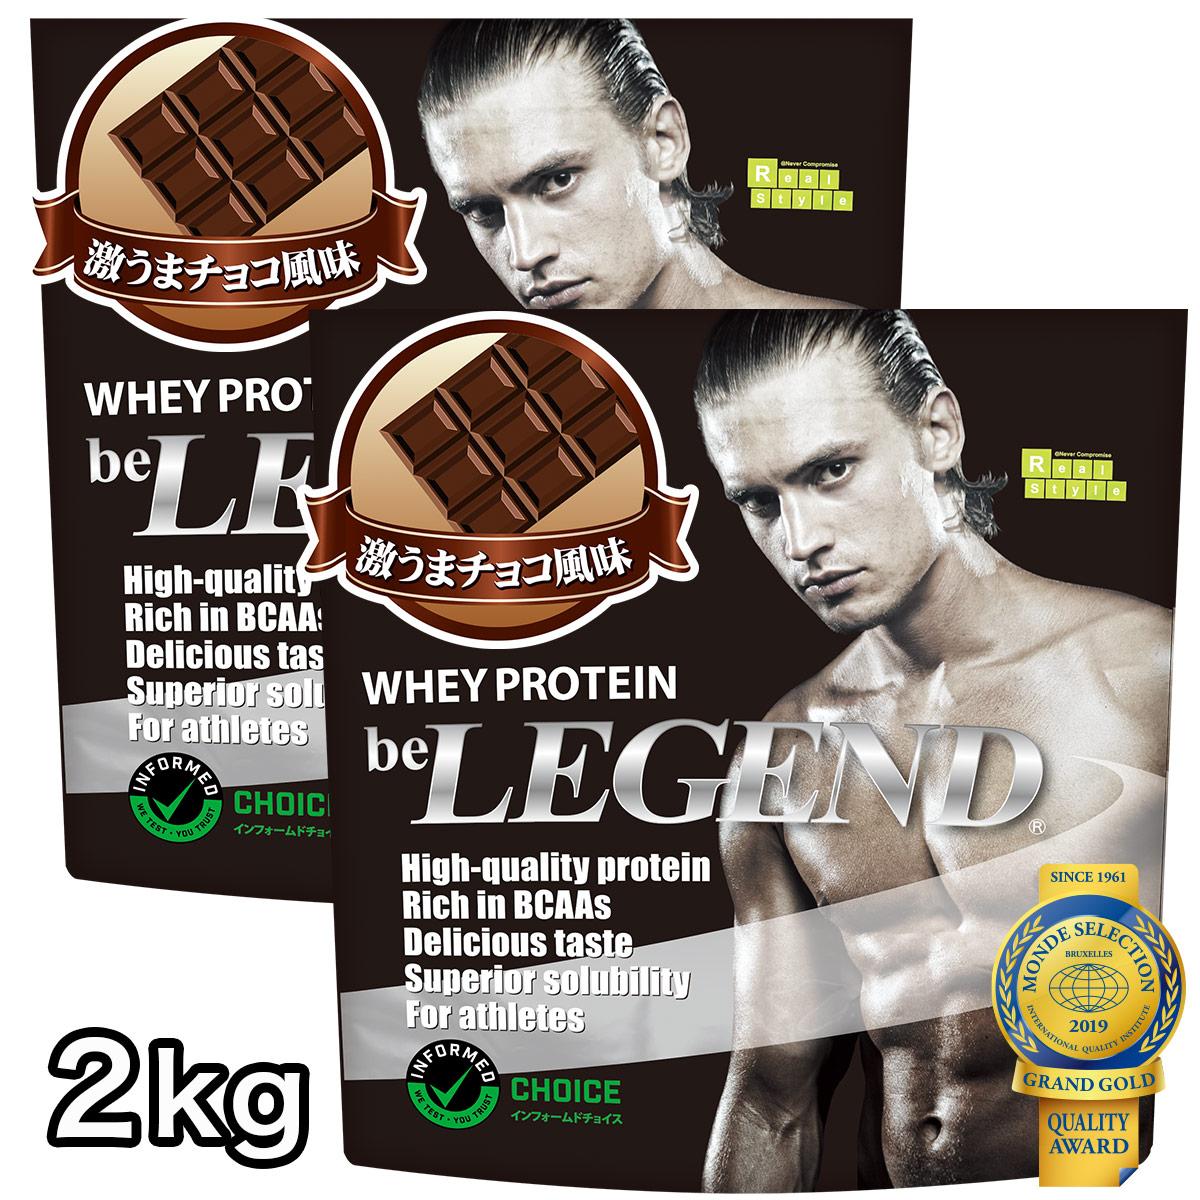 【12/20はエントリーでポイント10倍】ビーレジェンド プロテイン 激うまチョコ風味 1kg ×2袋(be LEGEND ホエイプロテイン)【オススメ】